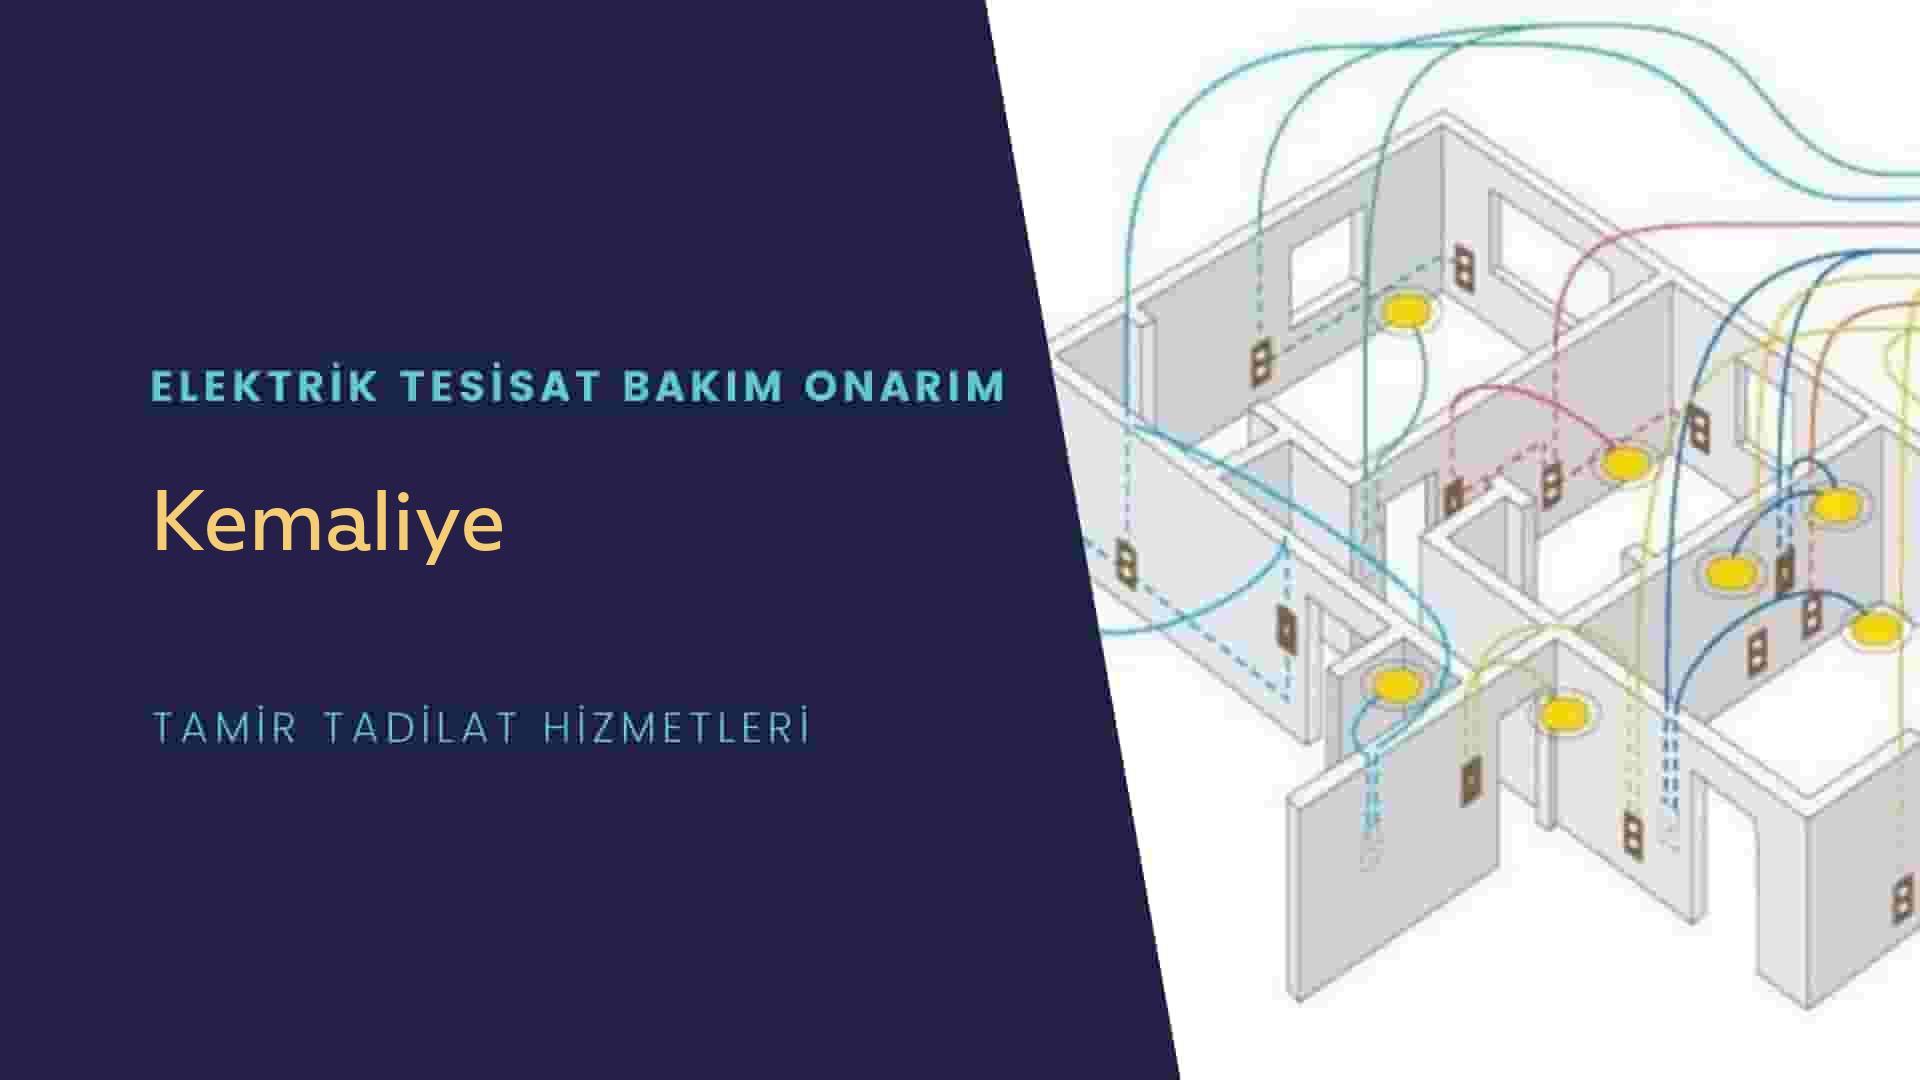 Kemaliye'de elektrik tesisatıustalarımı arıyorsunuz doğru adrestenizi Kemaliye elektrik tesisatı ustalarımız 7/24 sizlere hizmet vermekten mutluluk duyar.